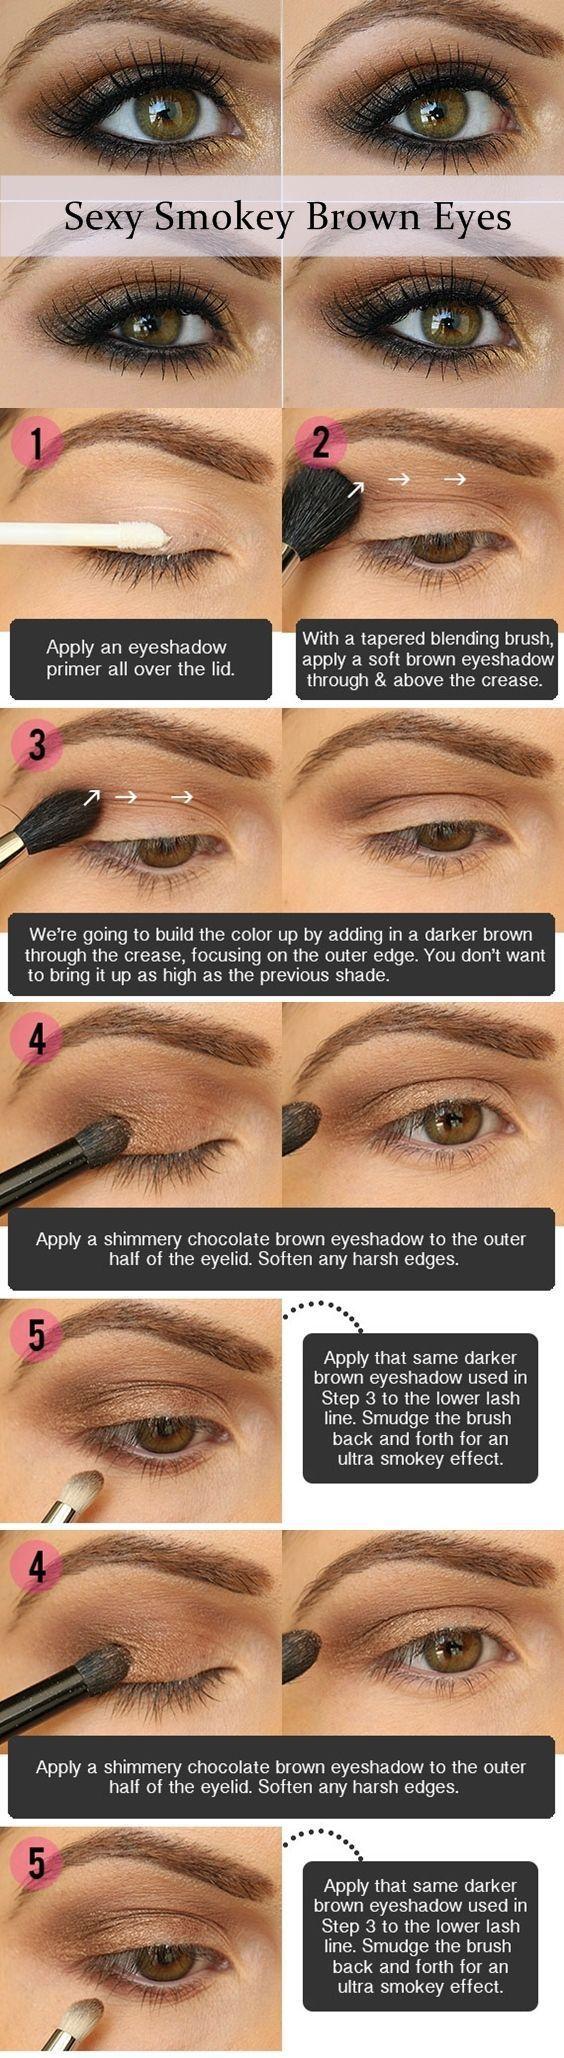 Trendy Brown Smoky Eye Makeup Tutorial